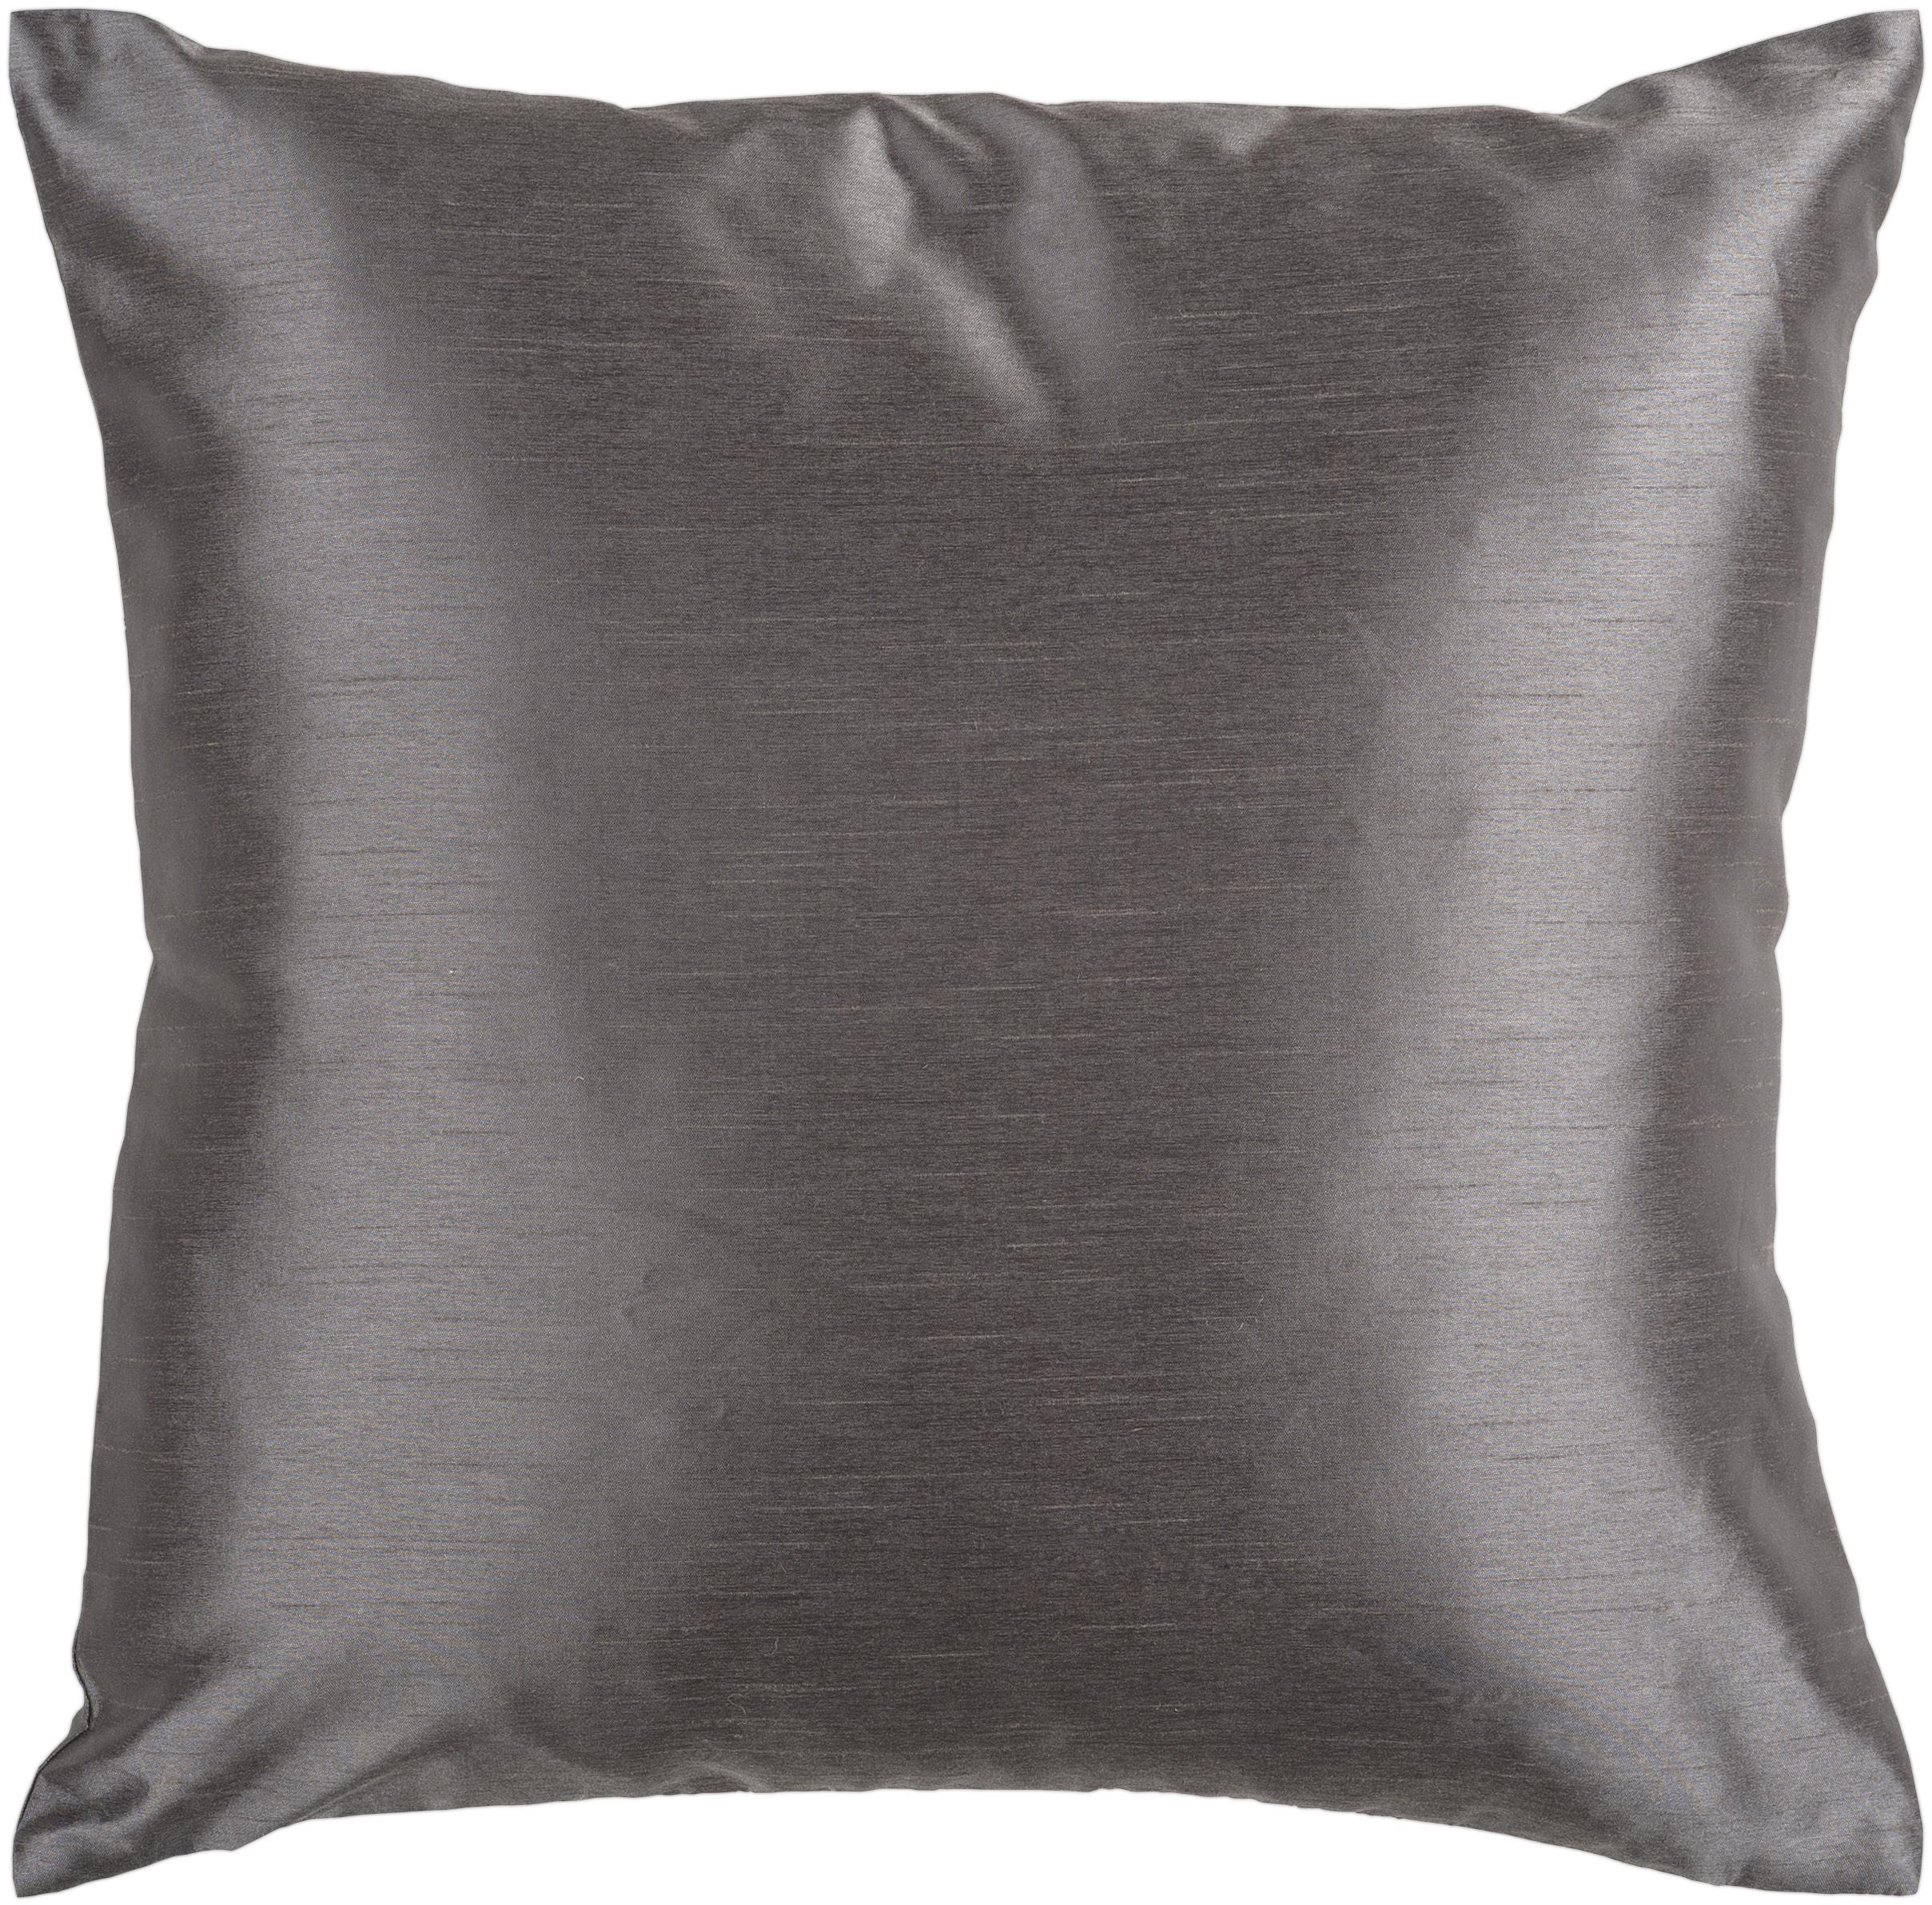 """Surya Pillows 18"""" x 18"""" Pillow - Item Number: HH034-1818P"""